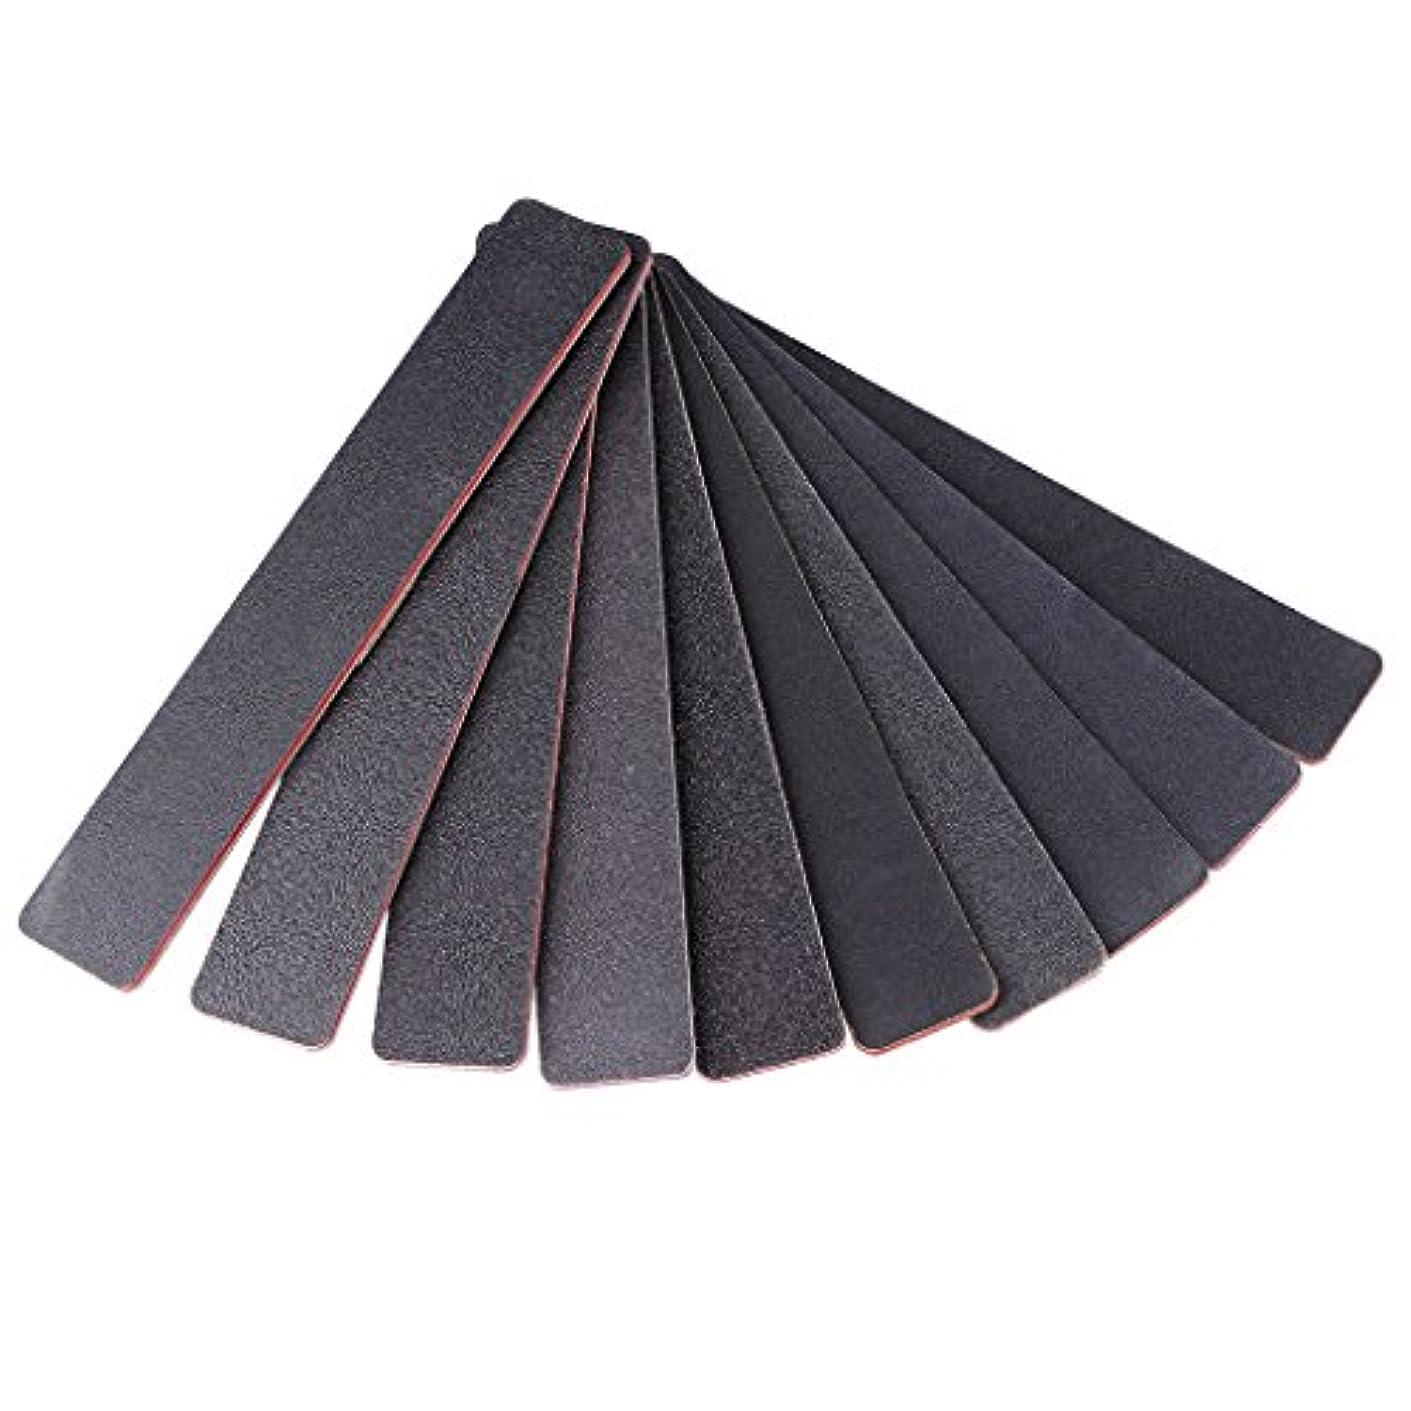 ジャッキー長方形の黒砂赤いハートネイルファイル1PCネイルファイルサンディング100/180スクエアダブルサイドネイルアートのヒントマニキュアツール